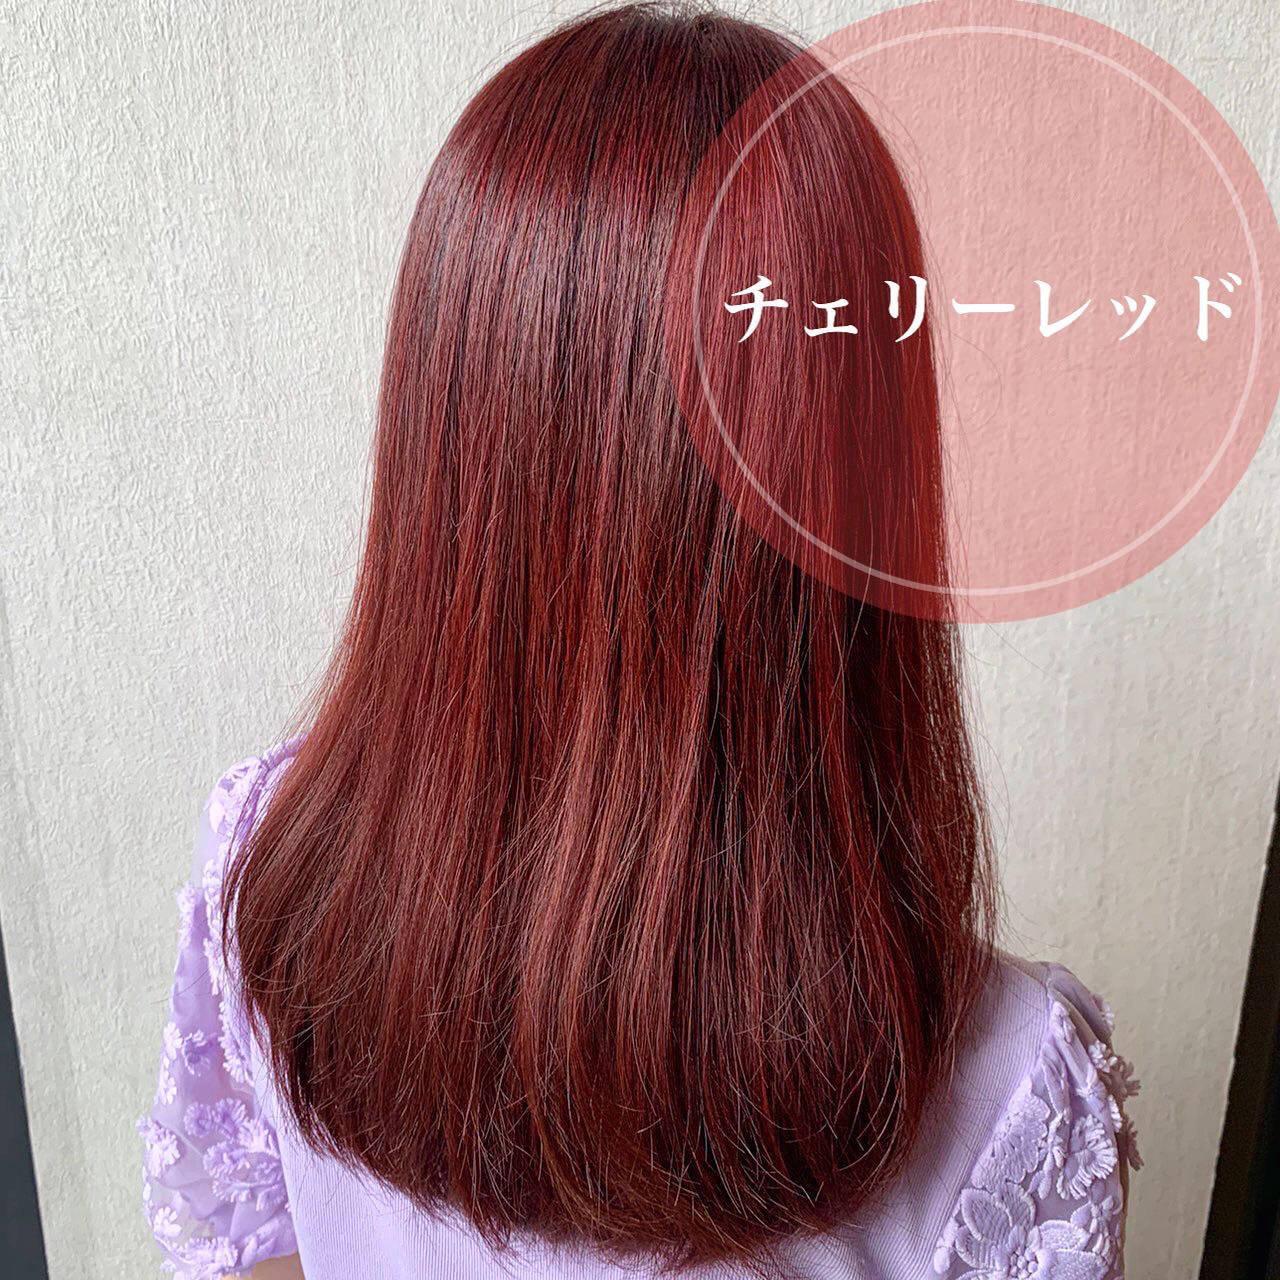 セミロング チェリーレッド レッド フェミニンヘアスタイルや髪型の写真・画像